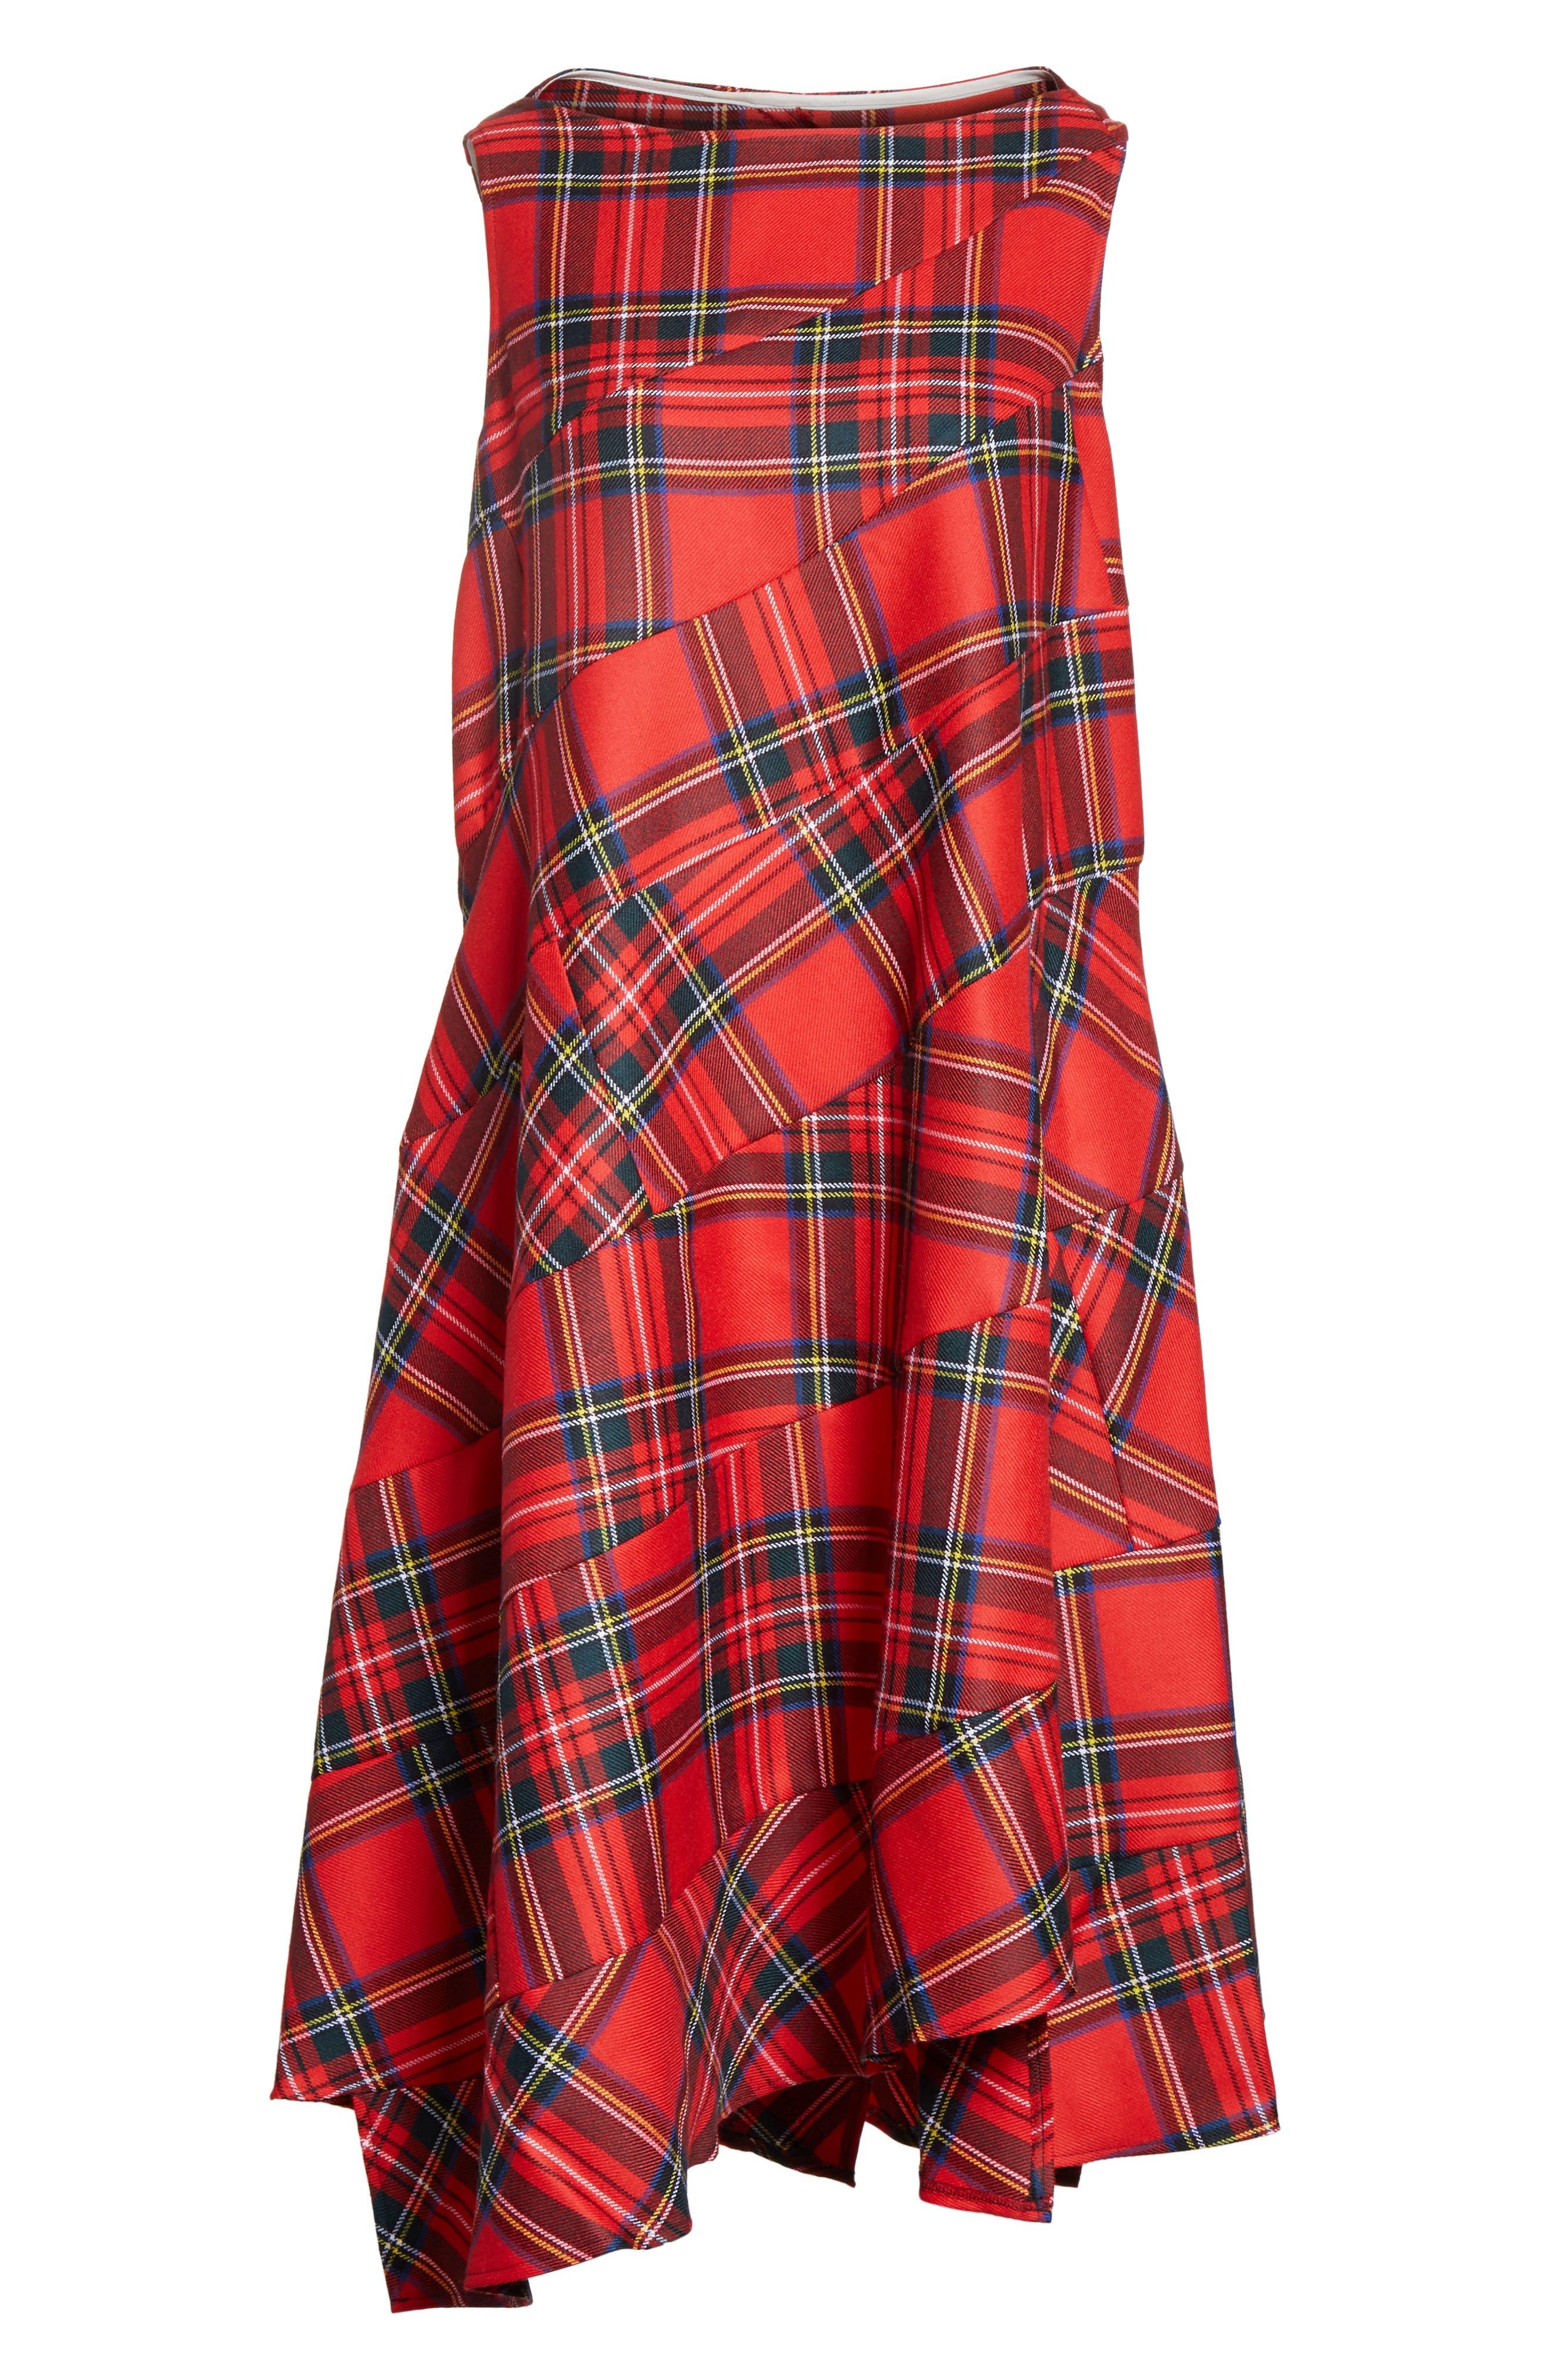 Tartan Plaid Dress,                             Alternate thumbnail 6, color,                             600